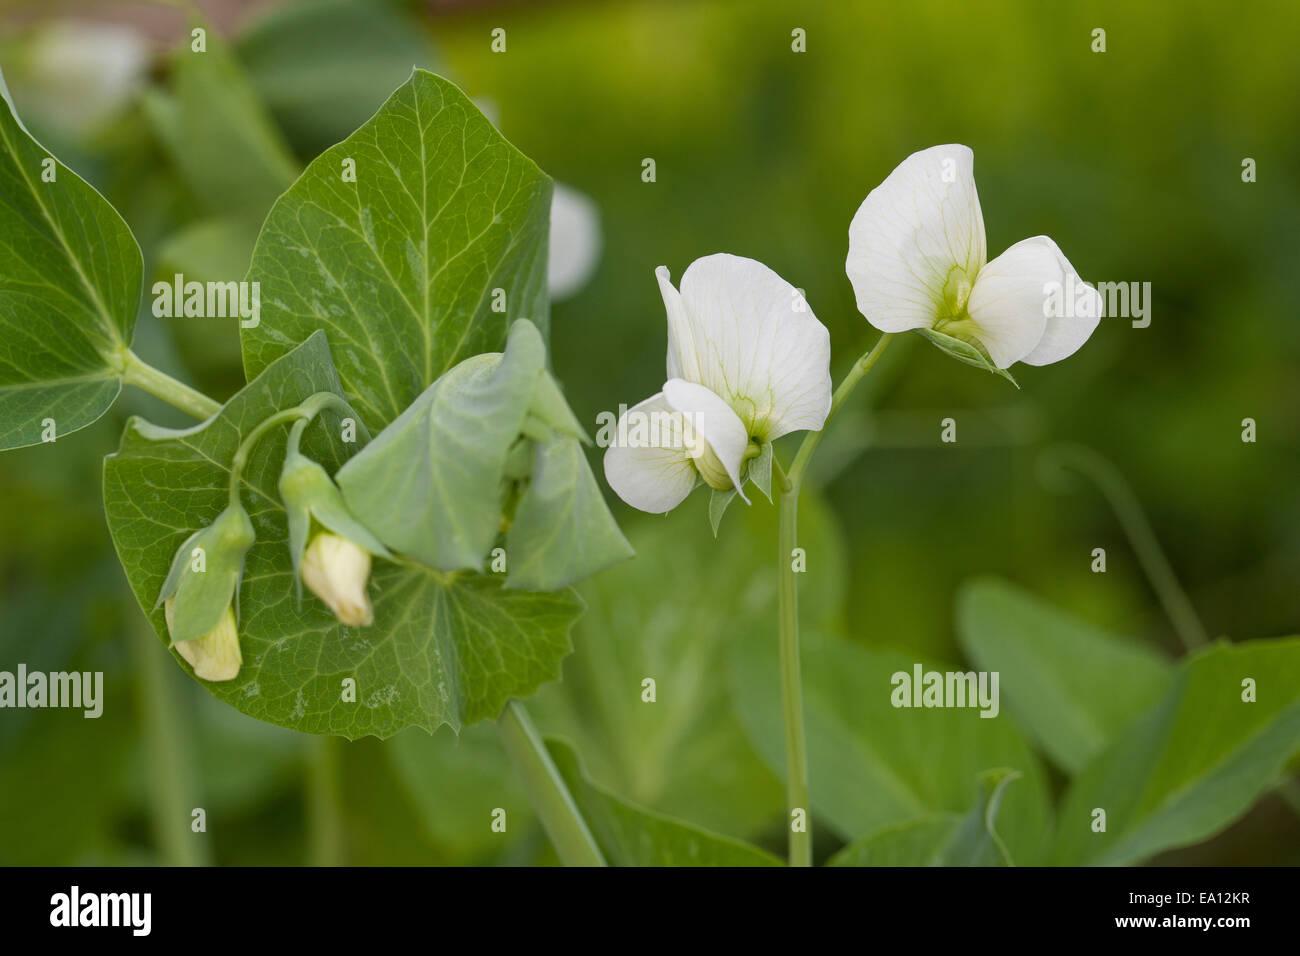 Pea, Garden Pea, Erbse, Gartenerbse, Speiseerbse, Speise-Erbse, Palerbse, Pisum sativum, Pisum sativum subsp. sativum - Stock Image